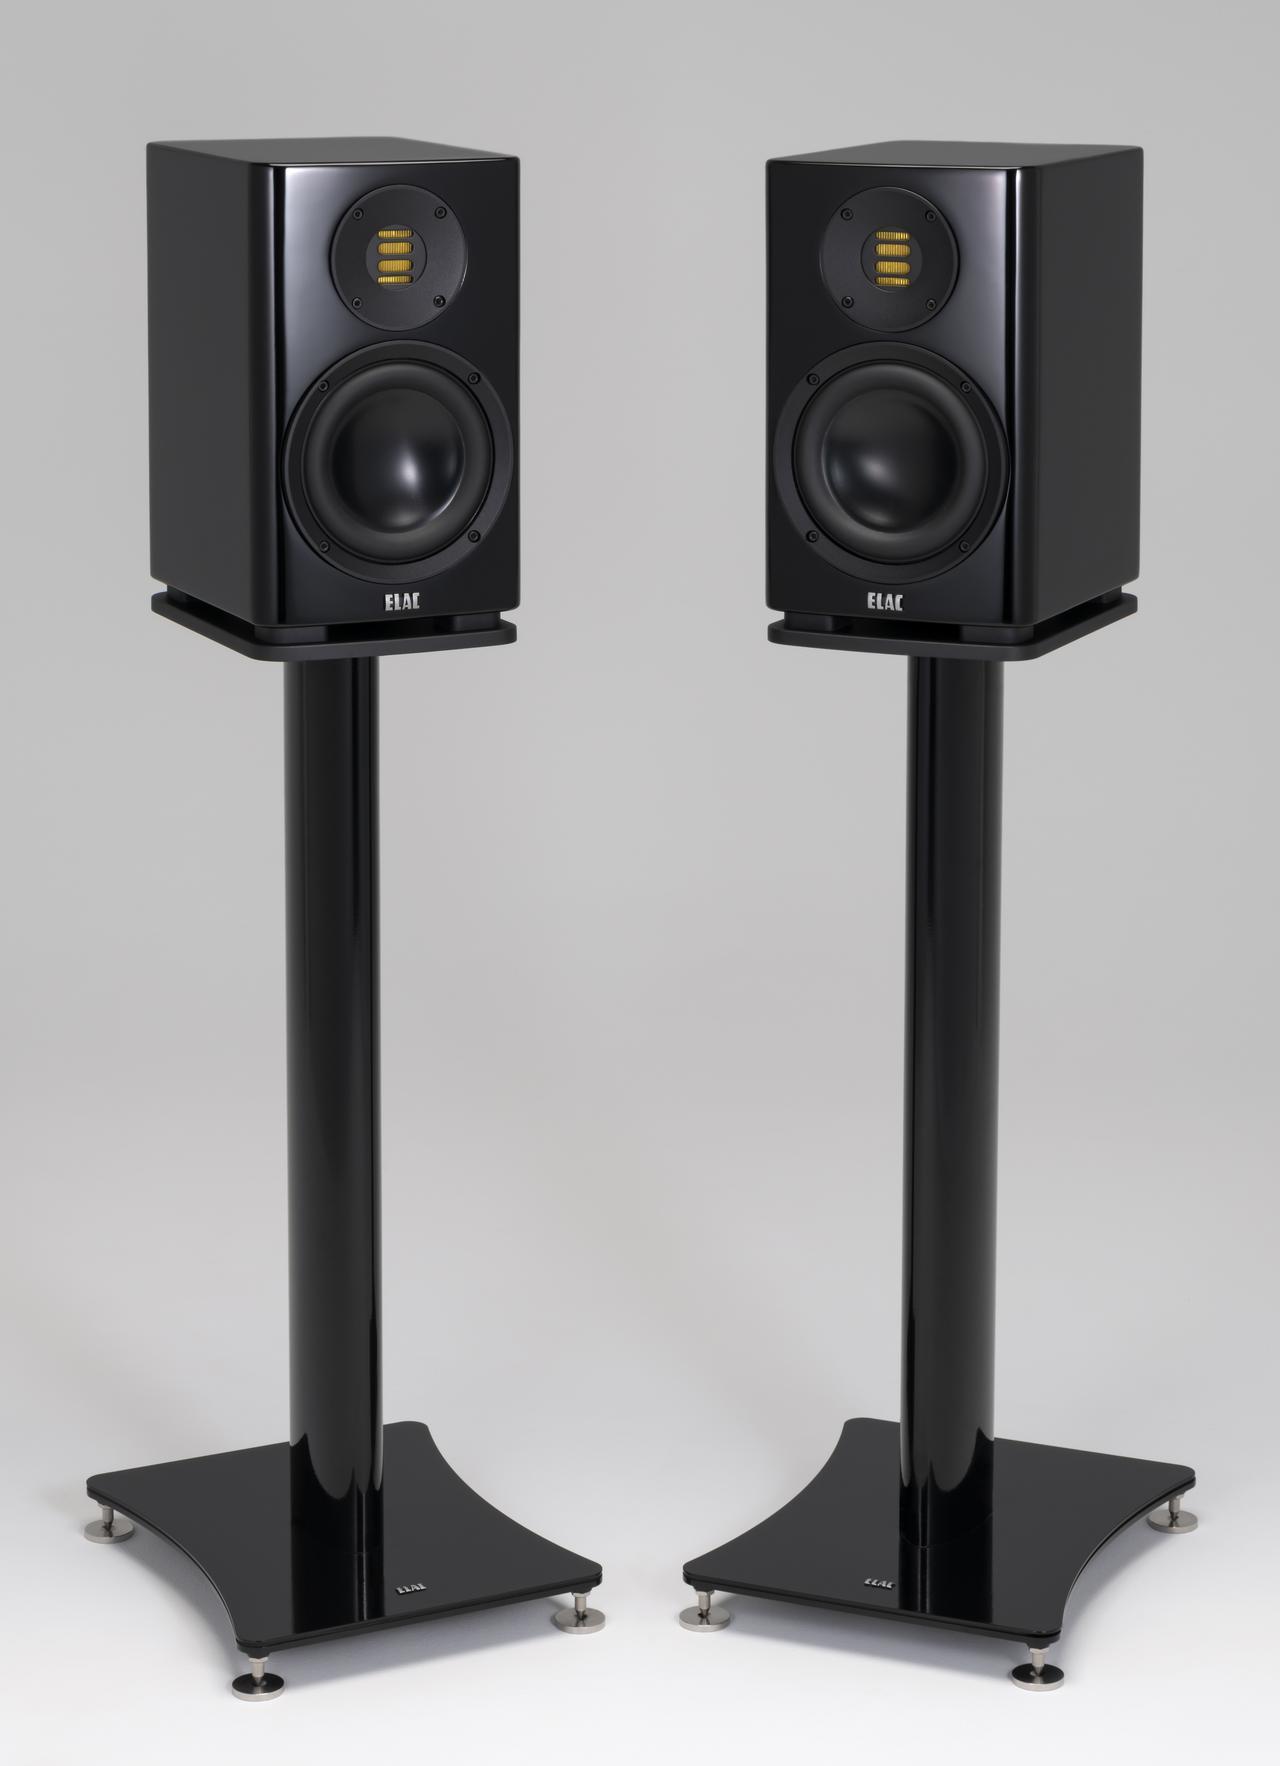 画像1: 【HiViレビュー】スピーカーシステム、ELAC、Solano 「BS283」「FS287」注目プリメインアンプと組み合わせて極上のサウンドを楽しむ